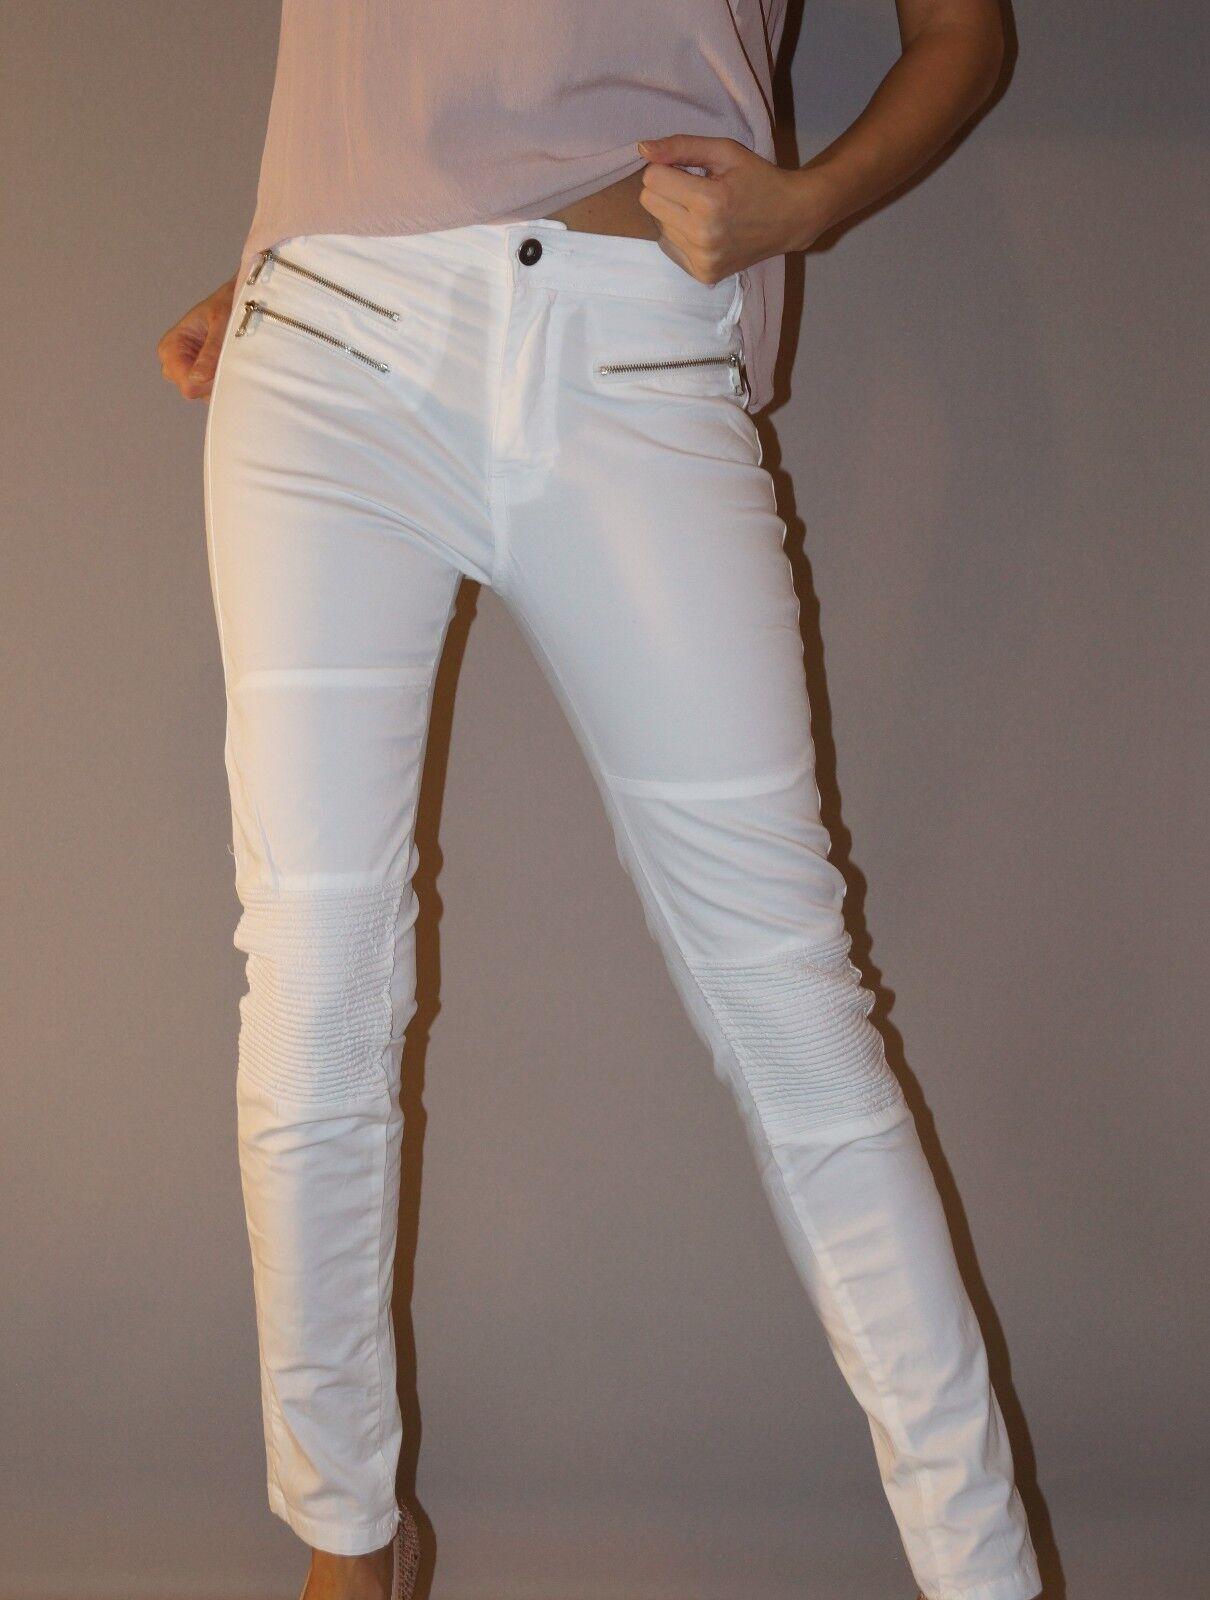 NEU  Jeans Röhren Hose Skinny Biker Style Reißverschluss XL 40 42 Weiß Top